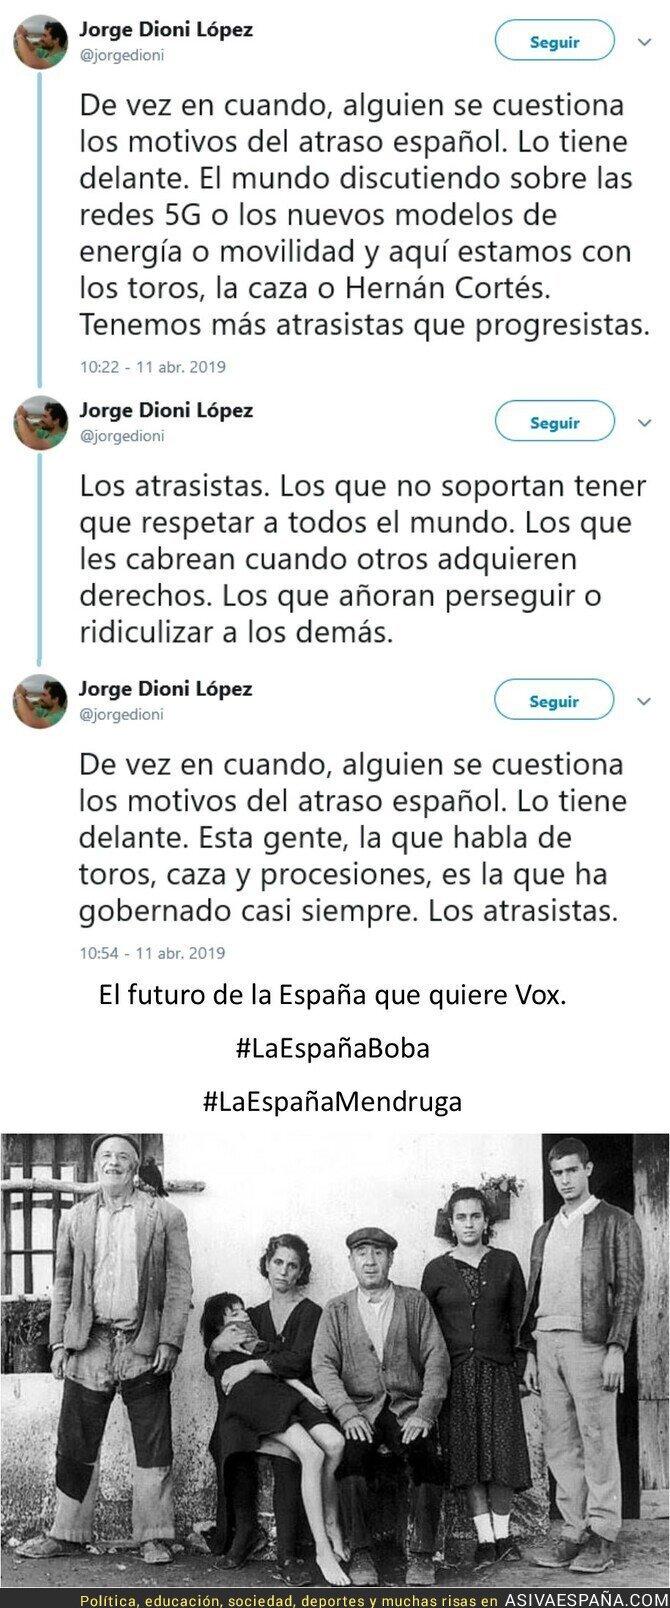 108867 - La España de Vox no está en el futuro, está en el pasado